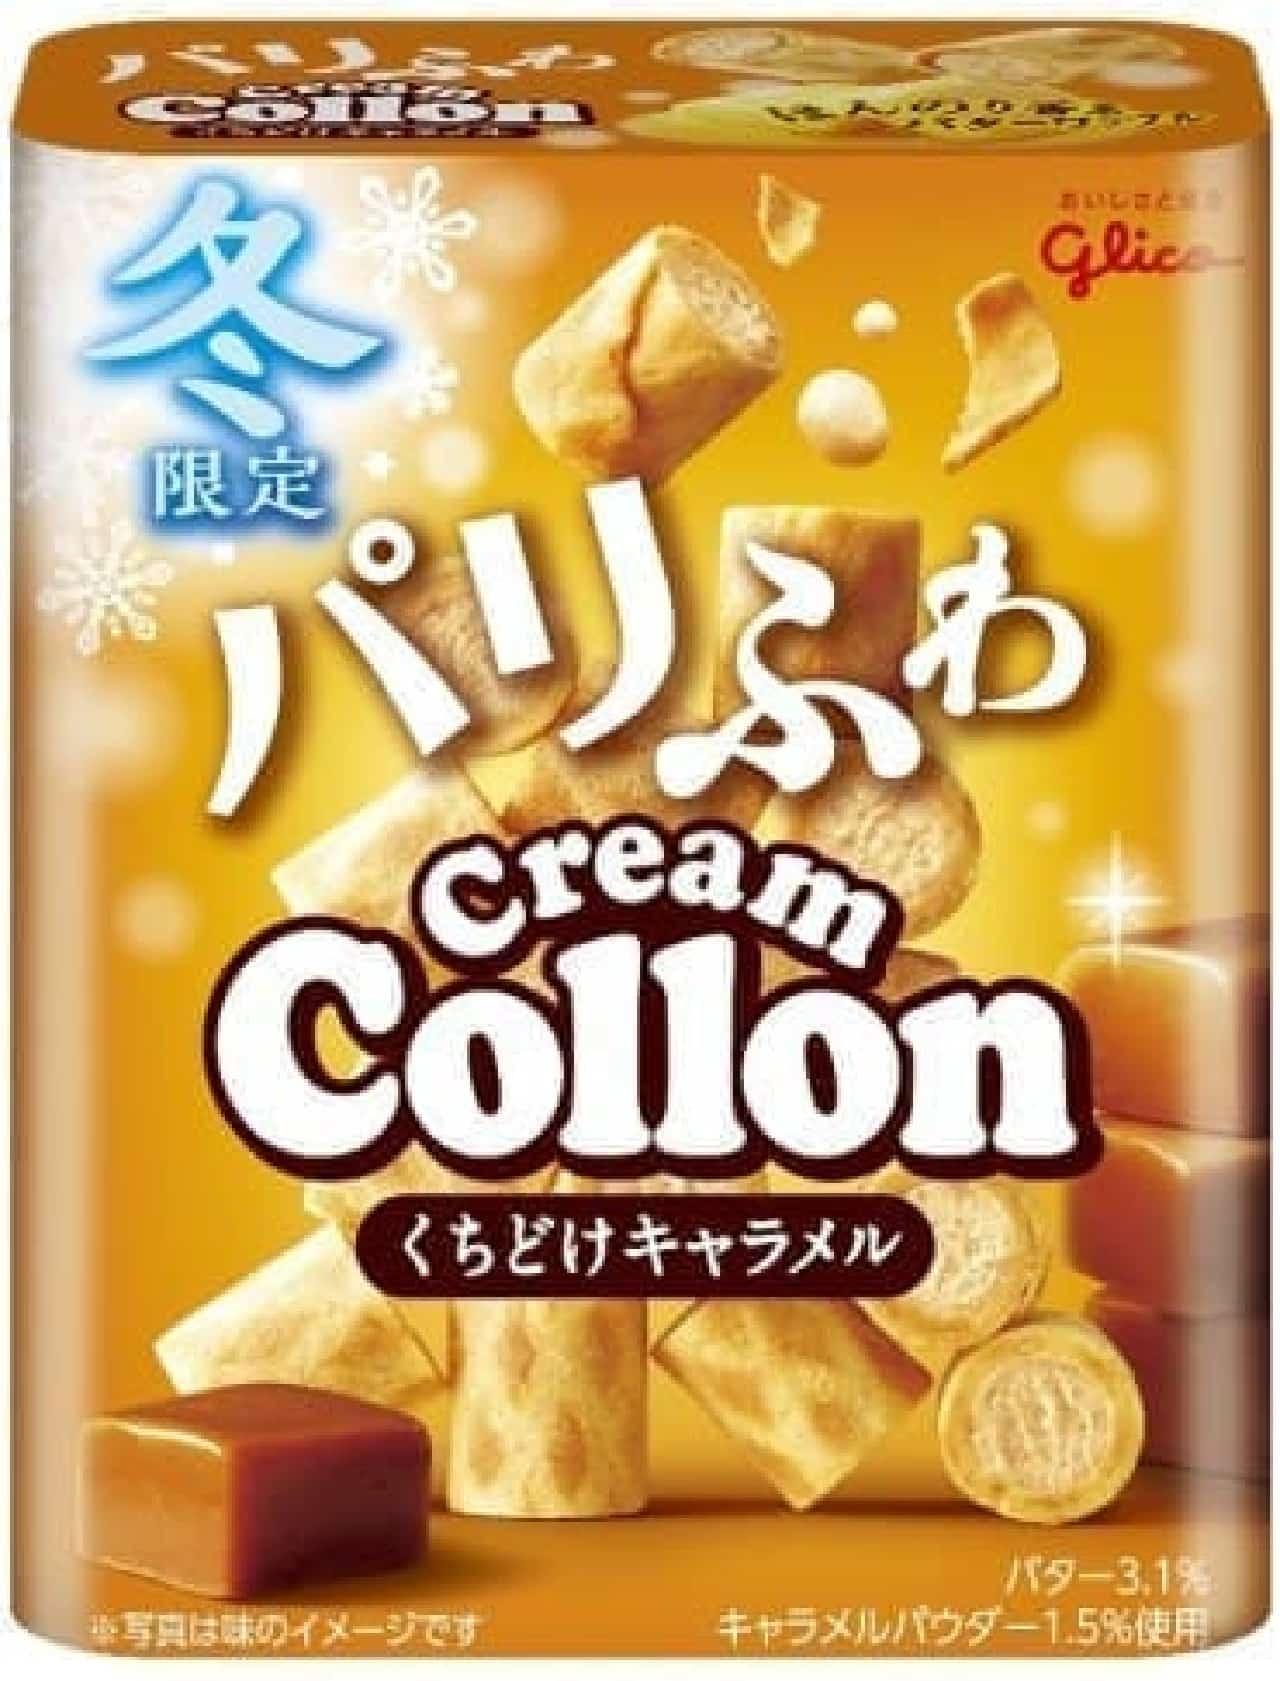 江崎グリコ「クリームコロン<くちどけキャラメル」